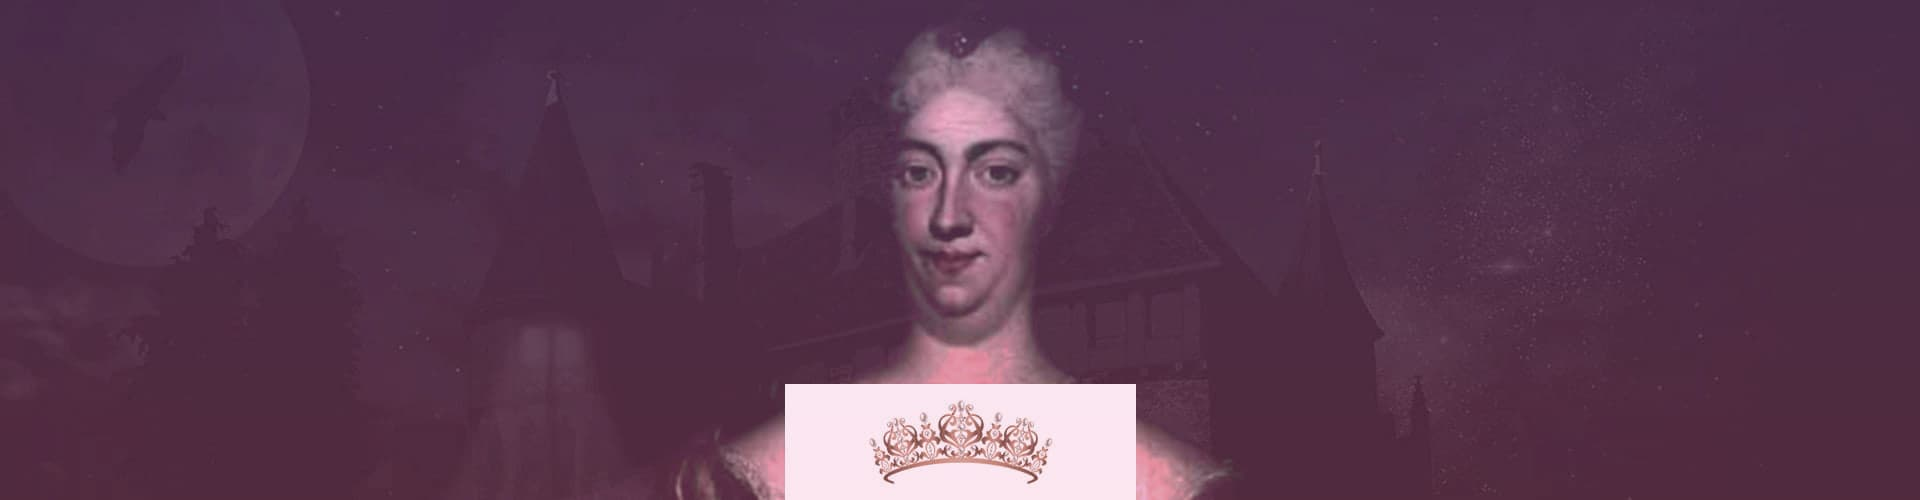 Was Eleonora von Schwarzenberg a Real-Life Vampire Princess?